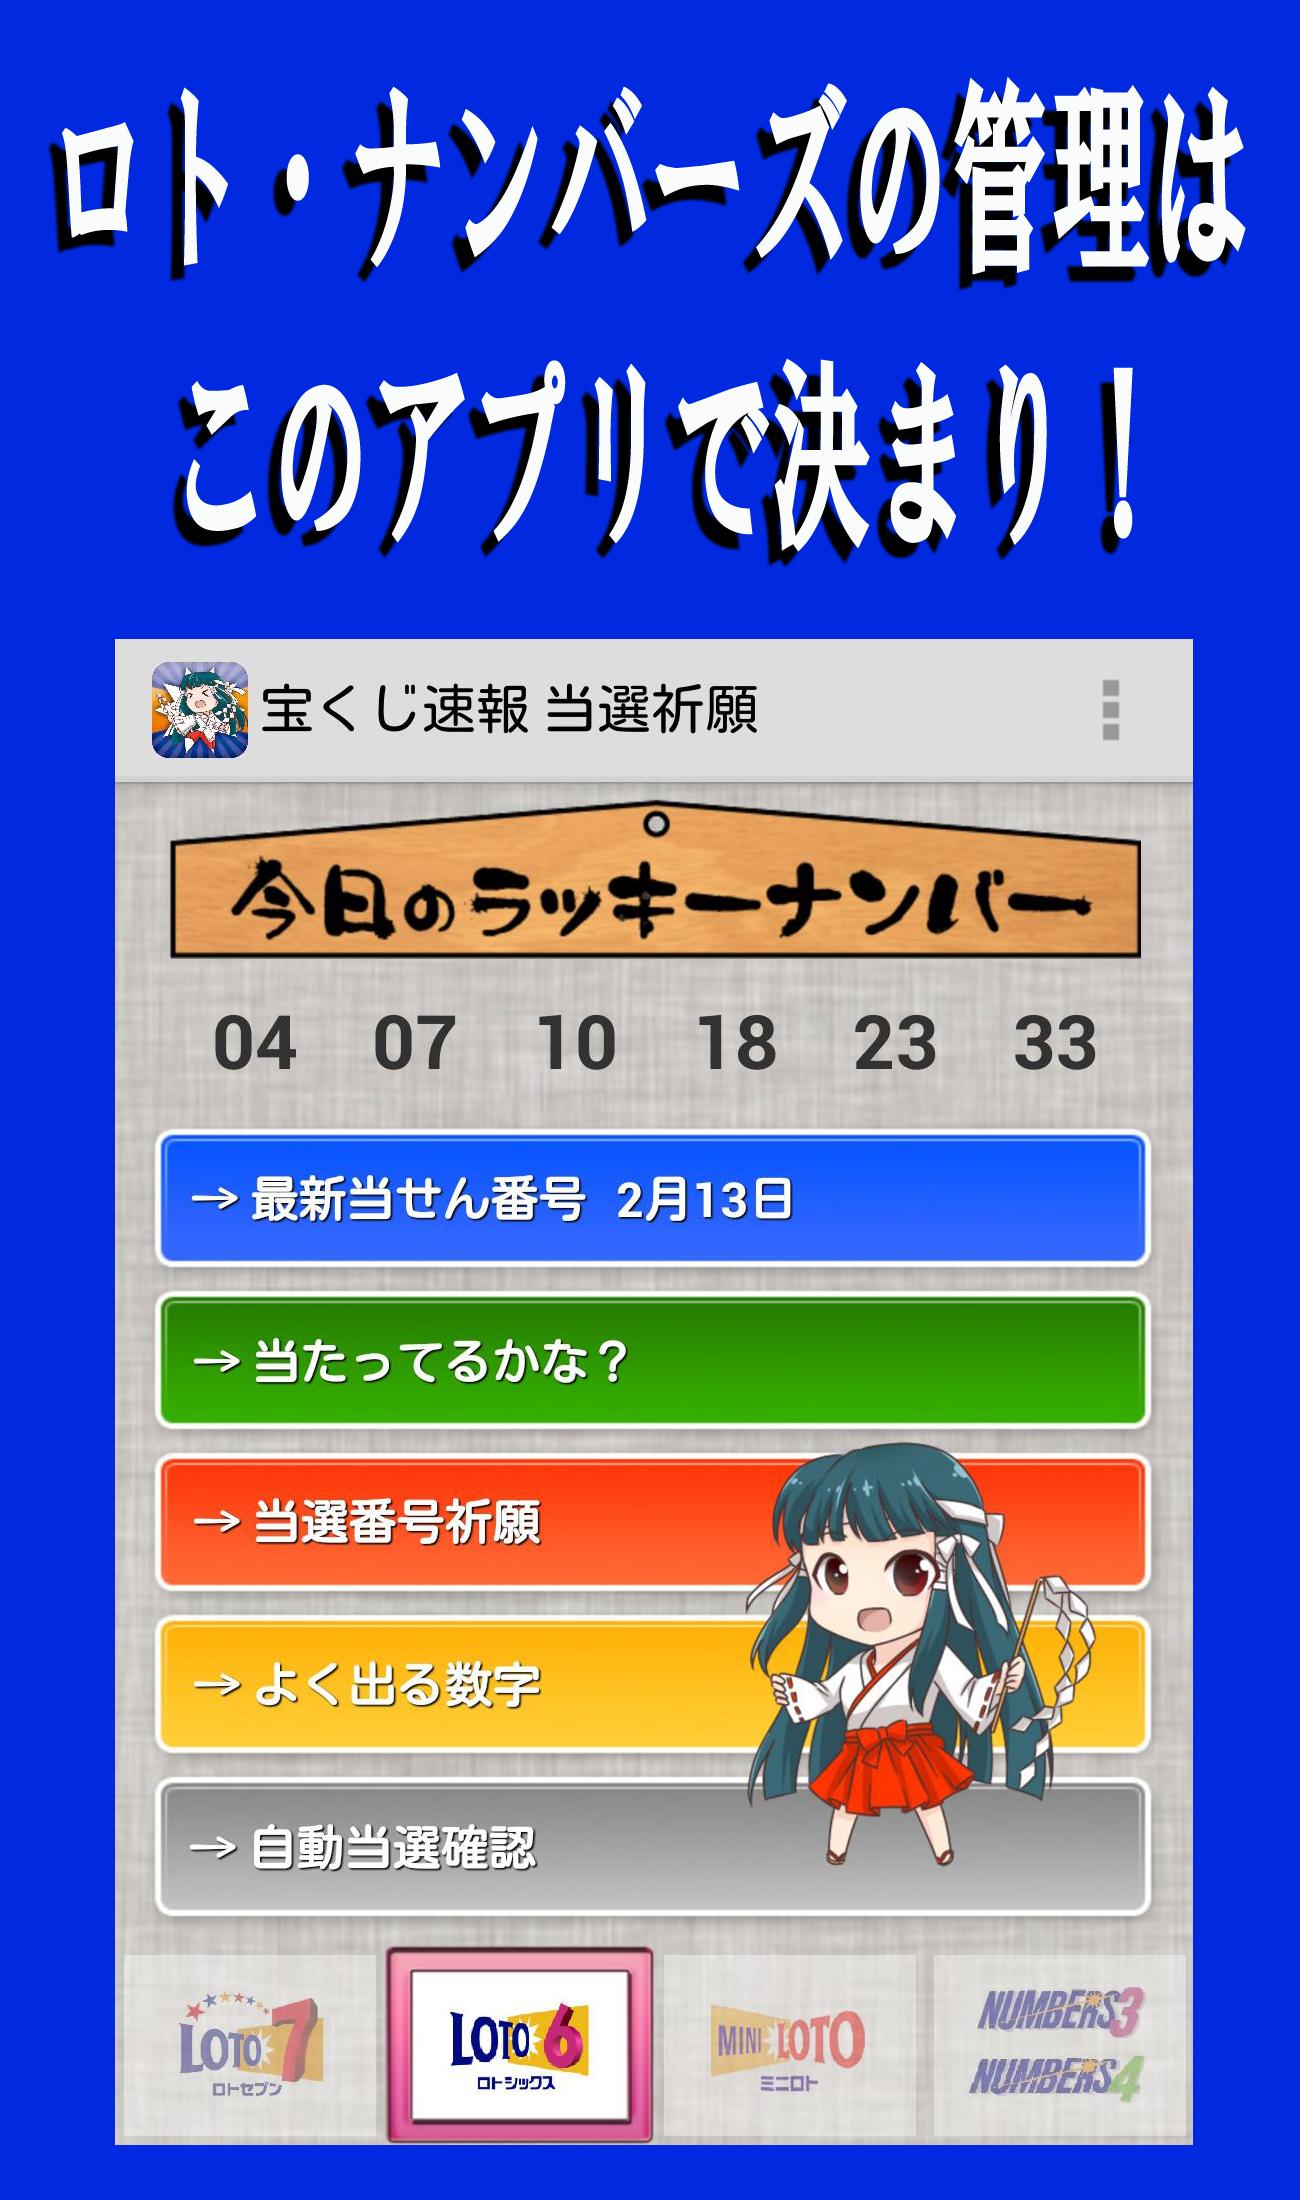 番号 ミニロト 最新 当選